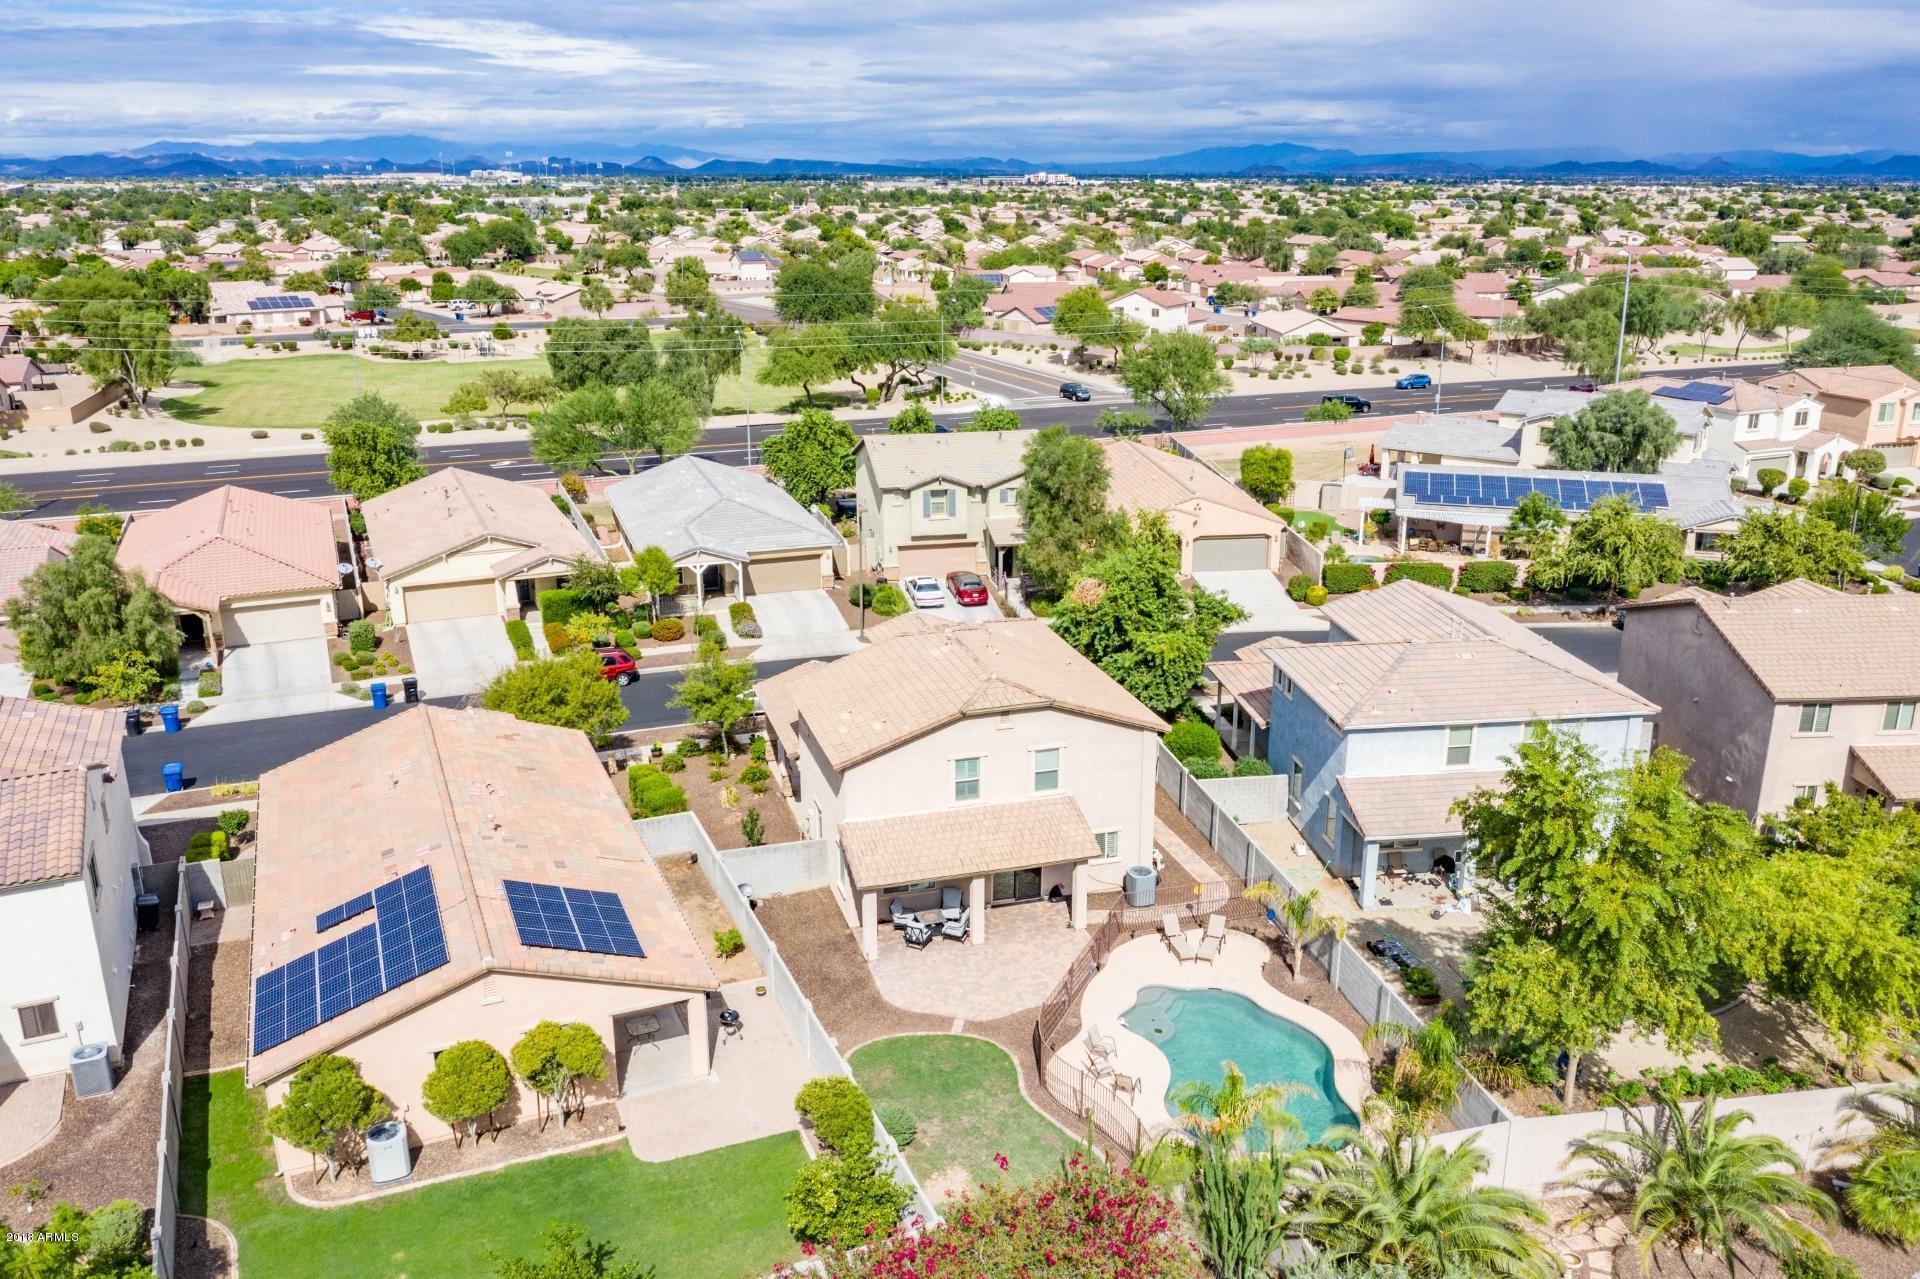 MLS 5834175 14929 W Georgia Drive, Surprise, AZ 85379 Surprise AZ Marley Park